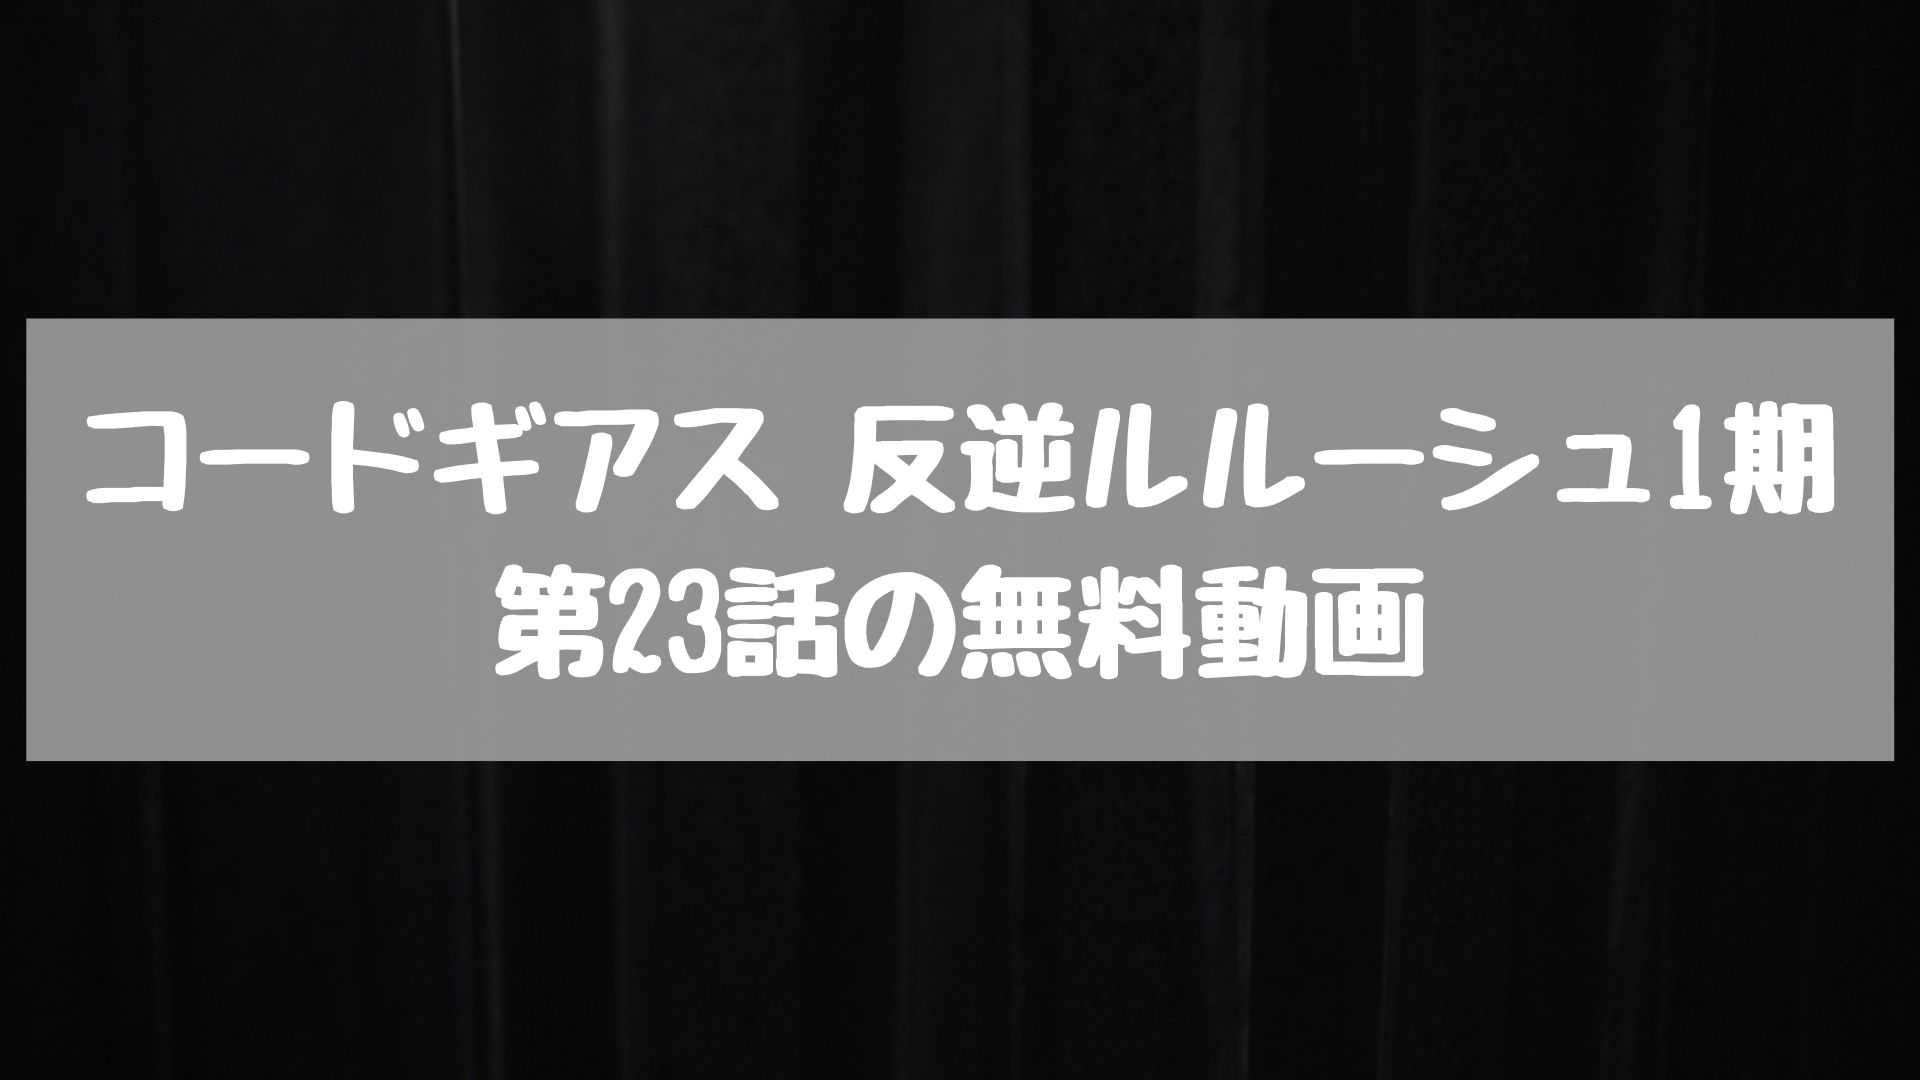 コードギアス 反逆ルルーシュ1期 第23話の無料動画